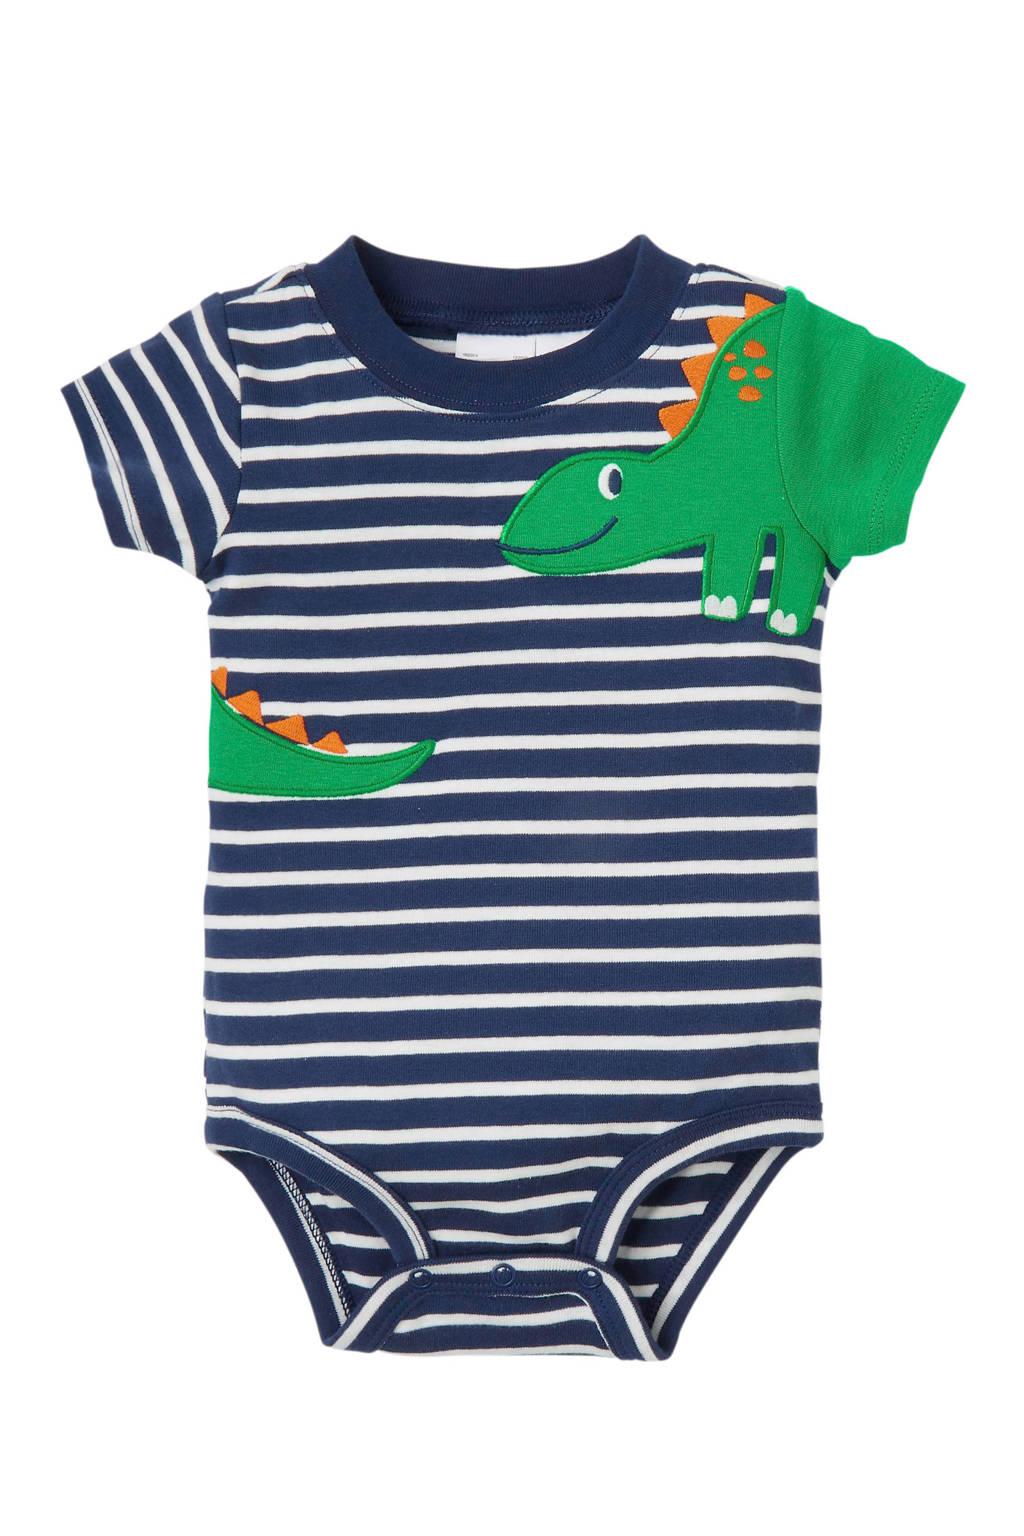 Carter's baby gestreepte romper met dino blauw, Blauw/wit/groen